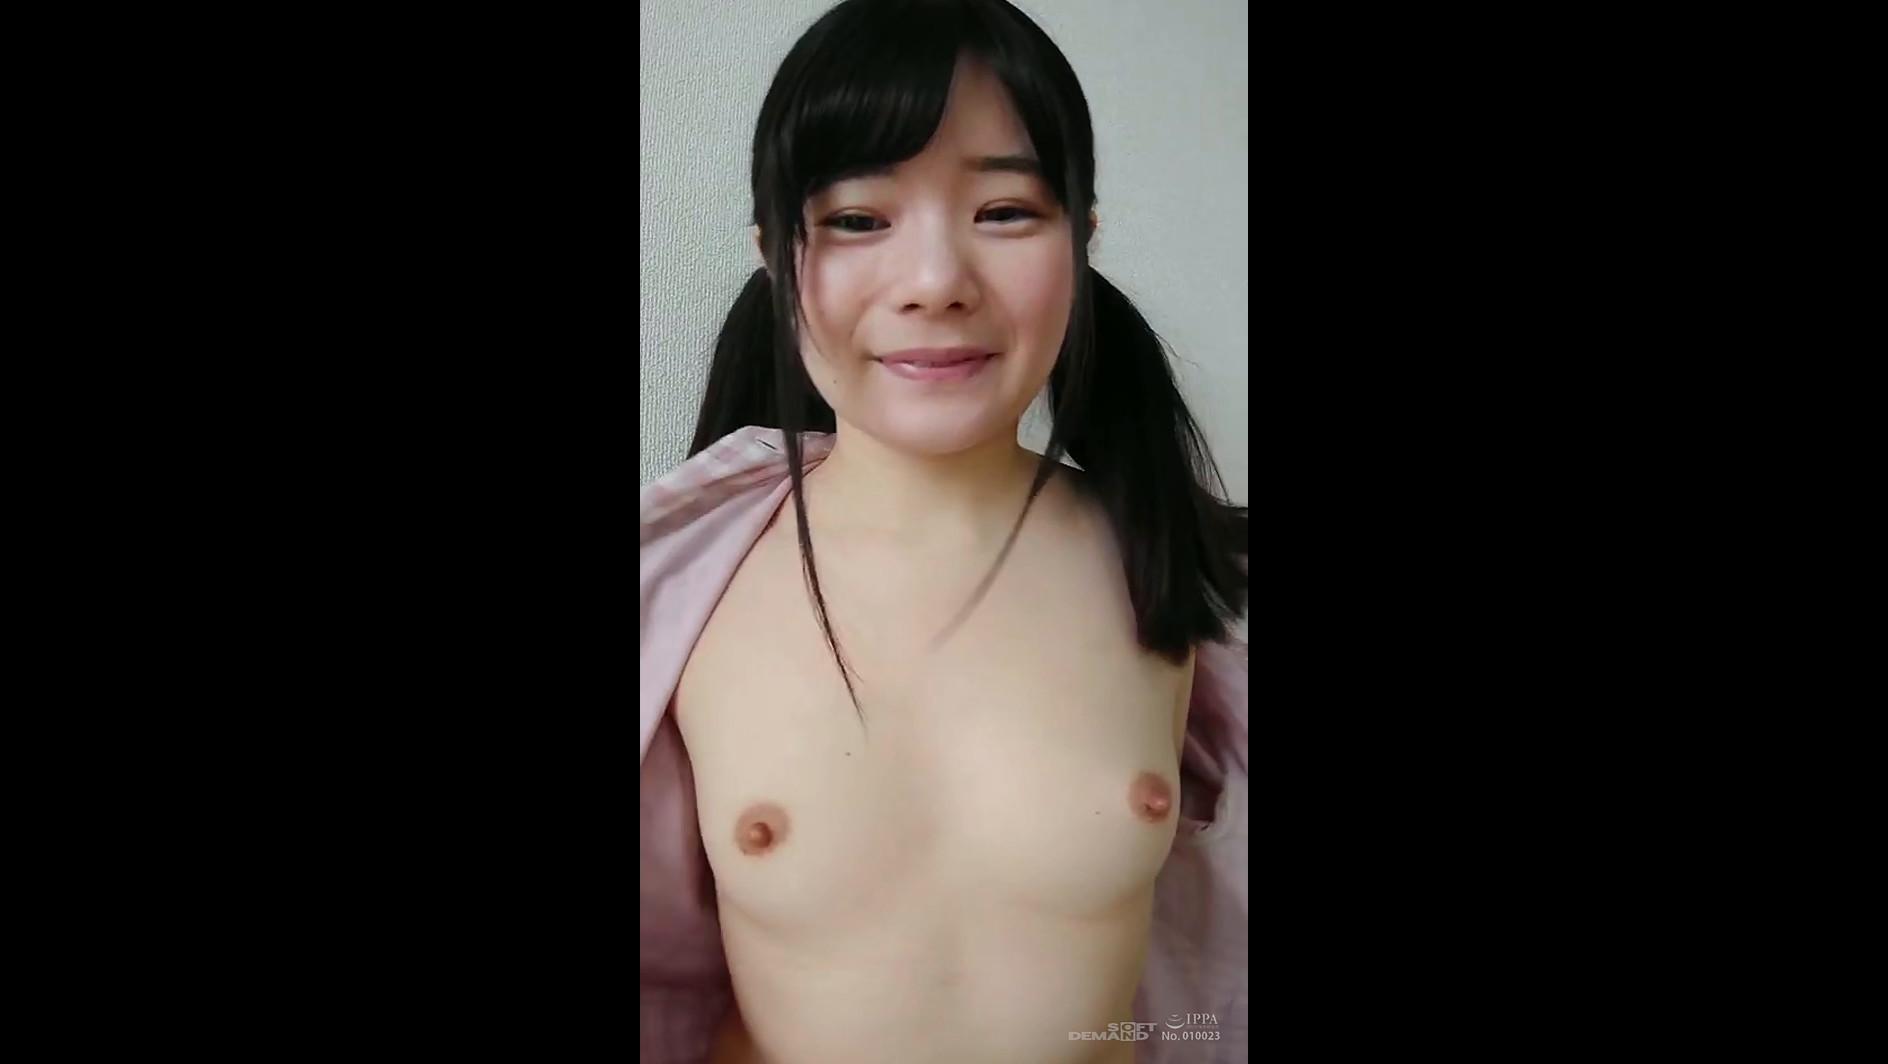 ビデオ通話エッチ JOI りんご 【縦動画】 画像9